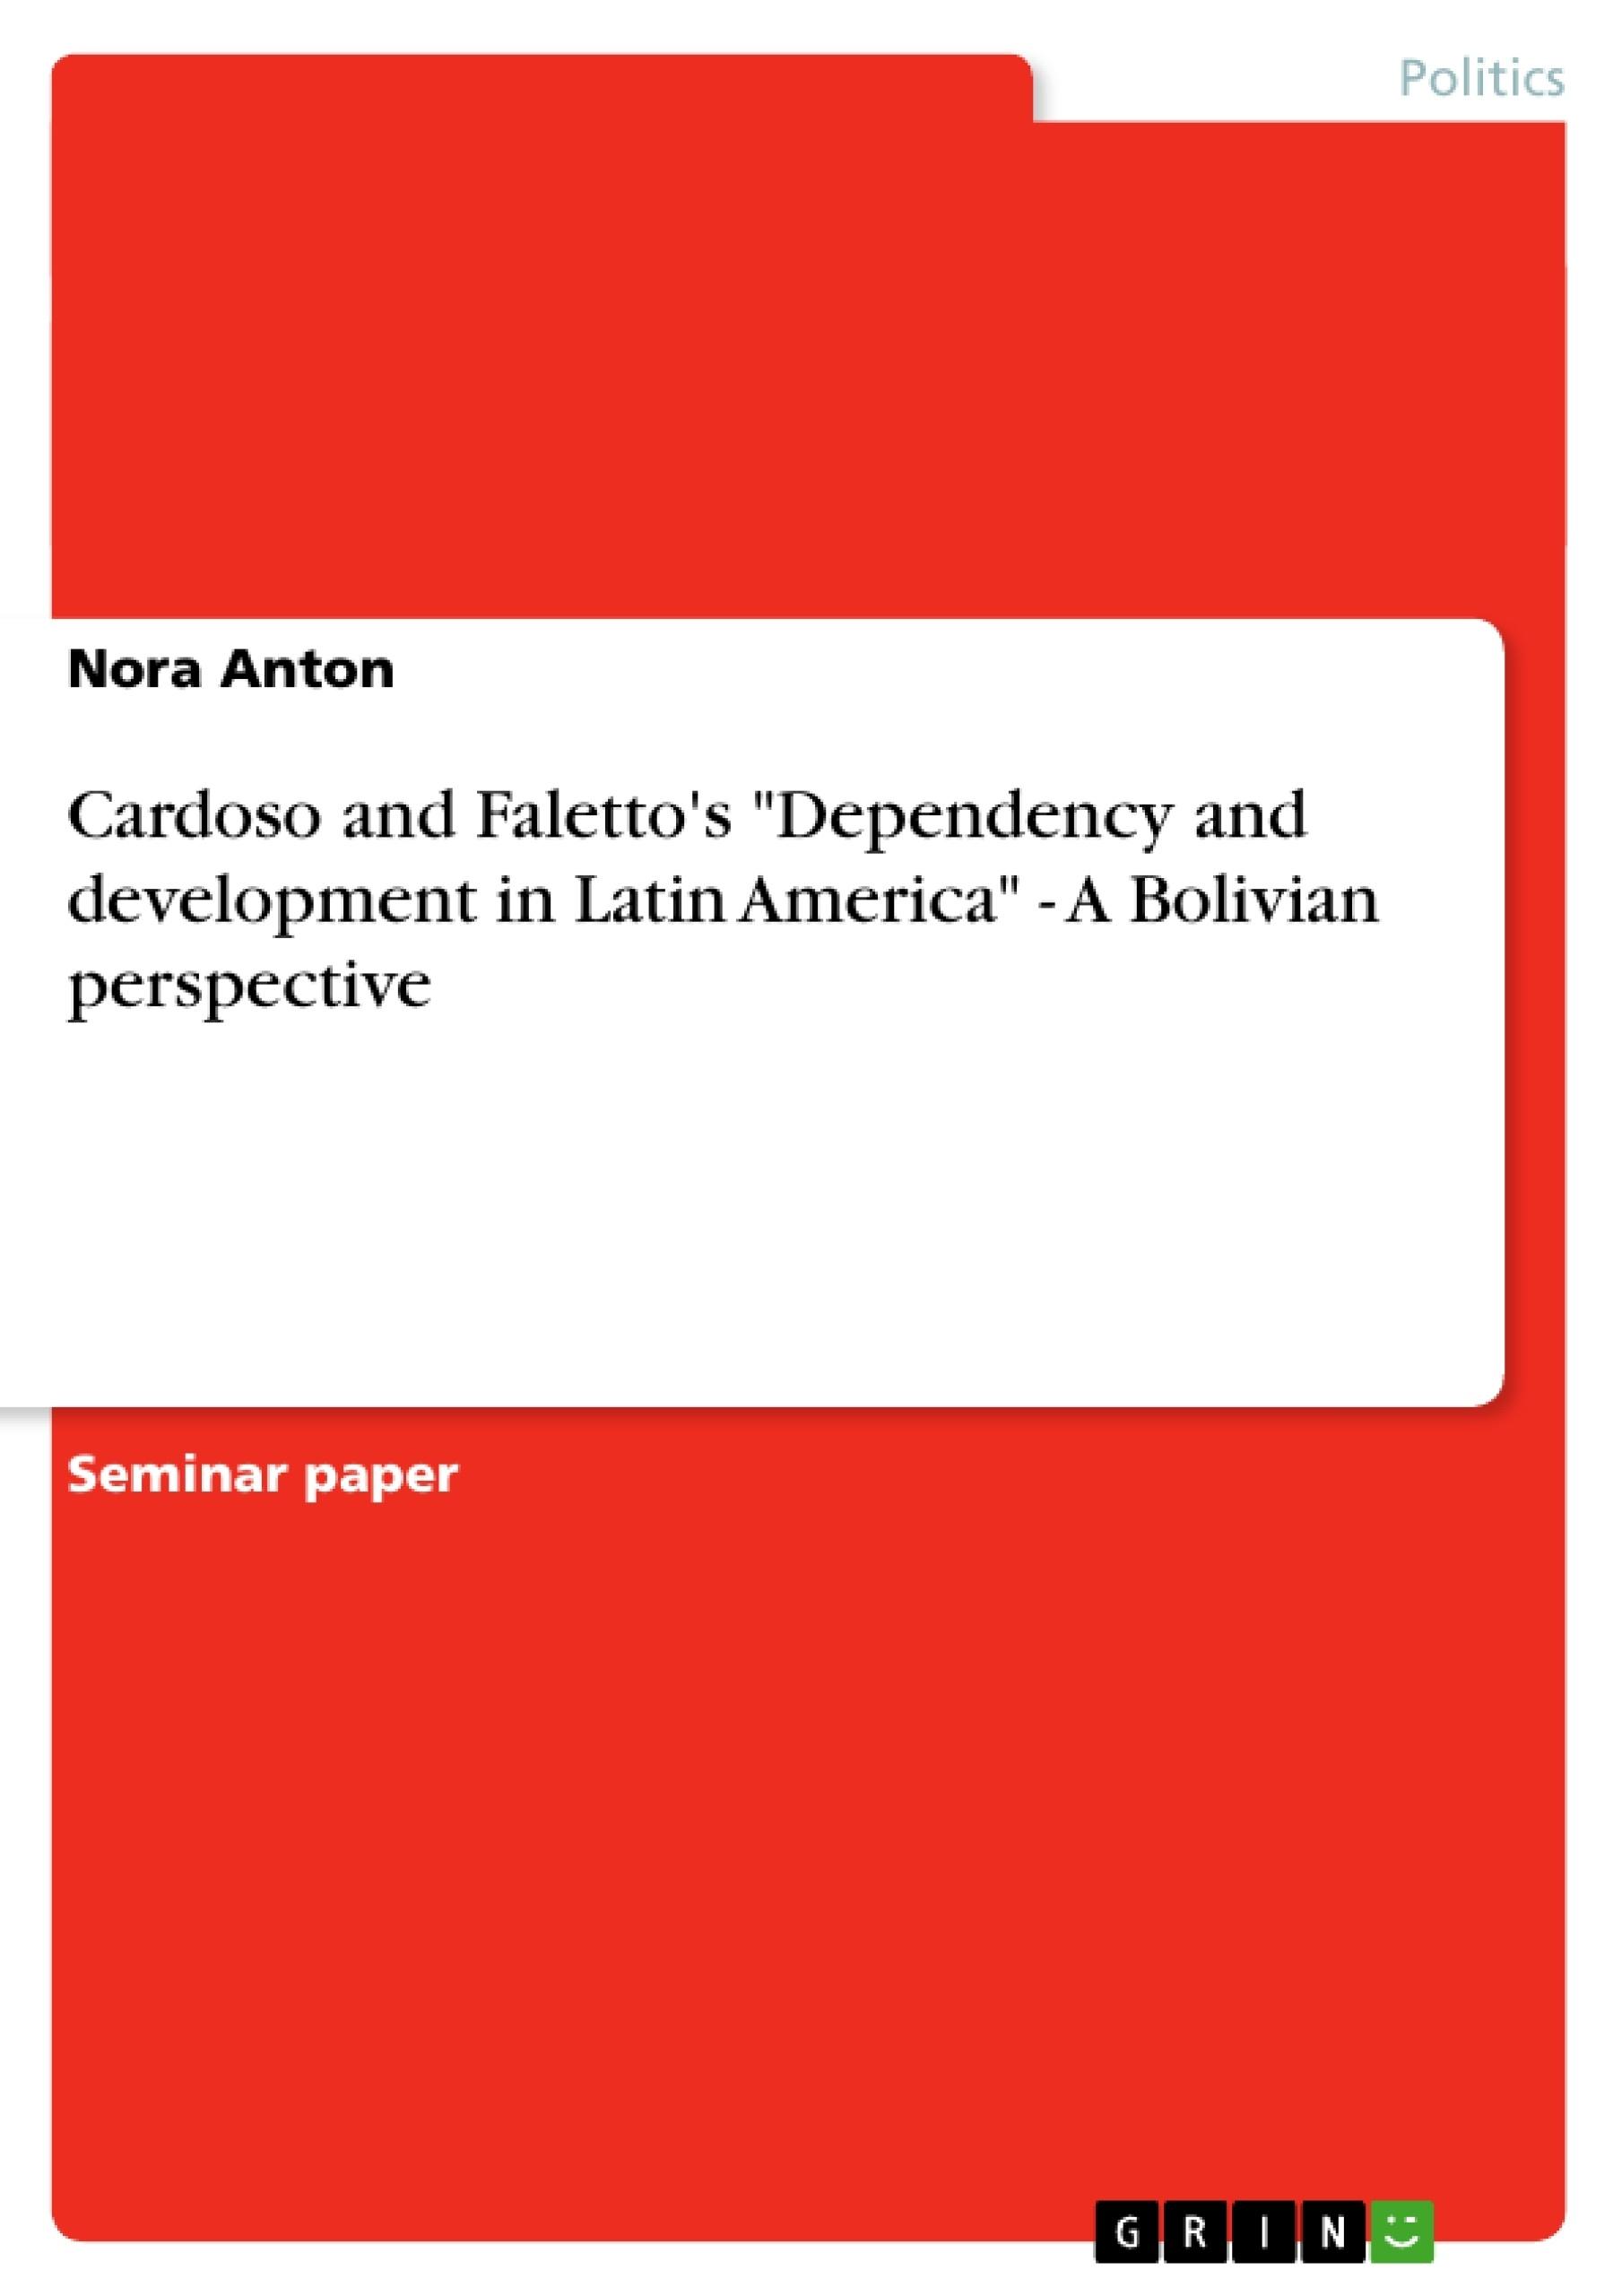 latin america research paper